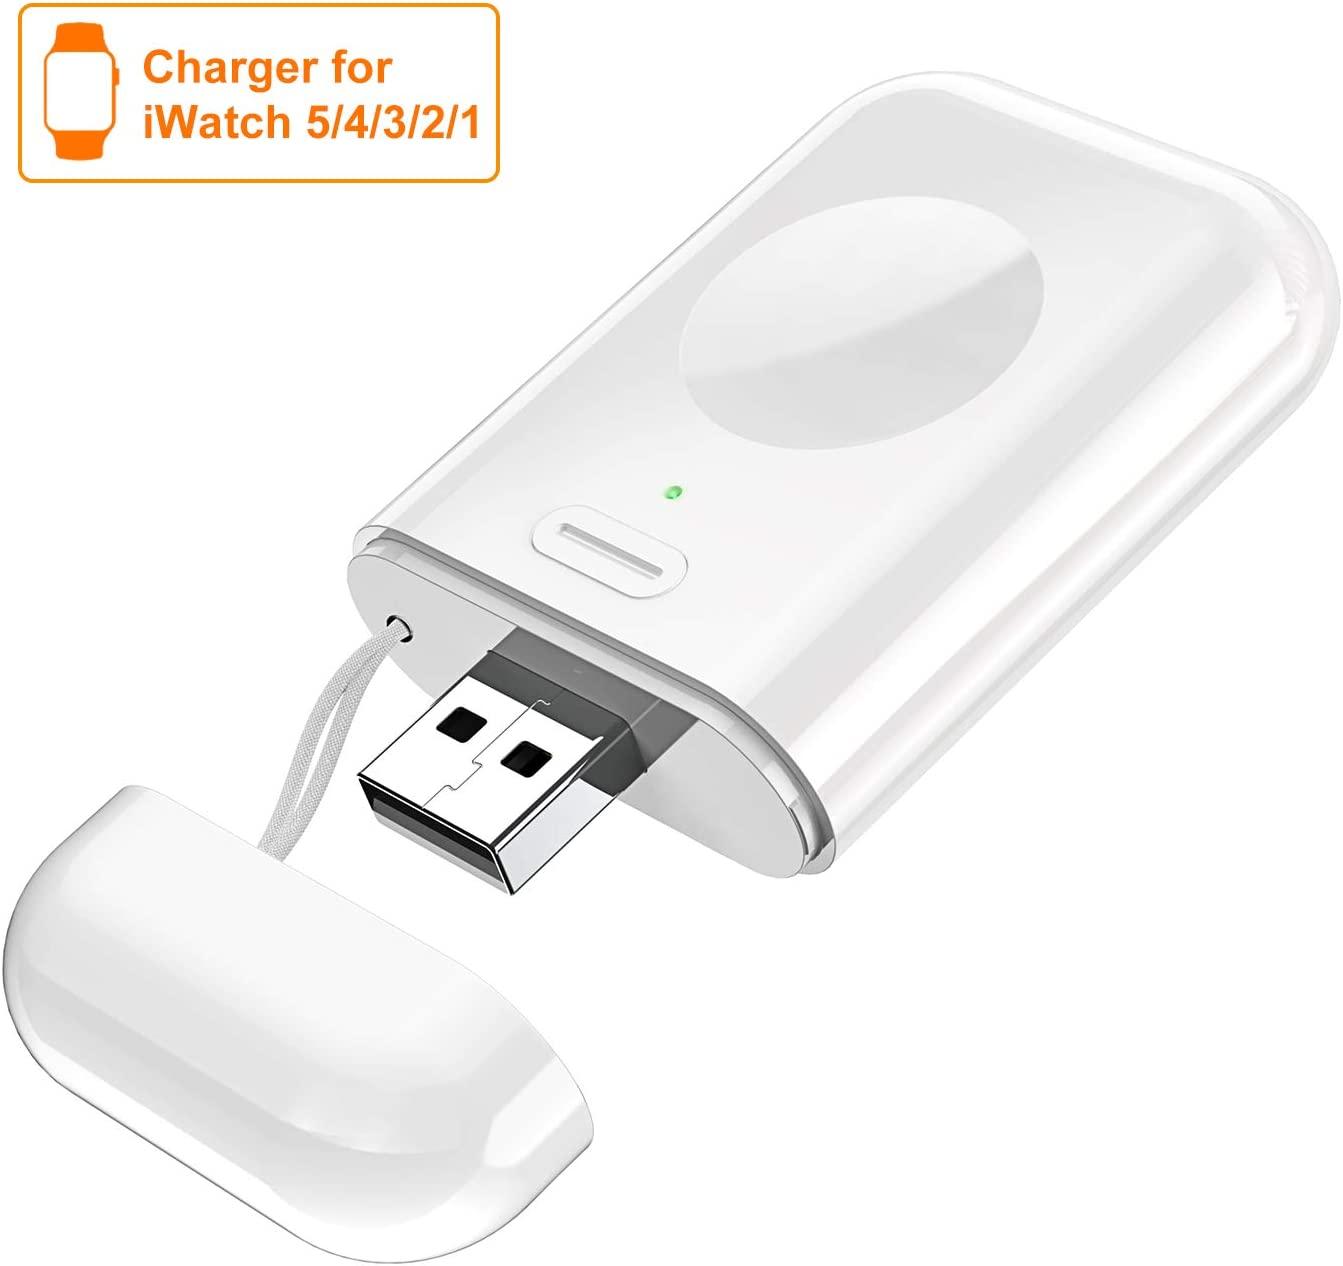 Cocoda Chargeur sans Fil pour Apple Watch, Portable Station de Charge Magnétique avec Interrupteur & Voyant de Puissance pour Voyage, 1000mAh Batterie